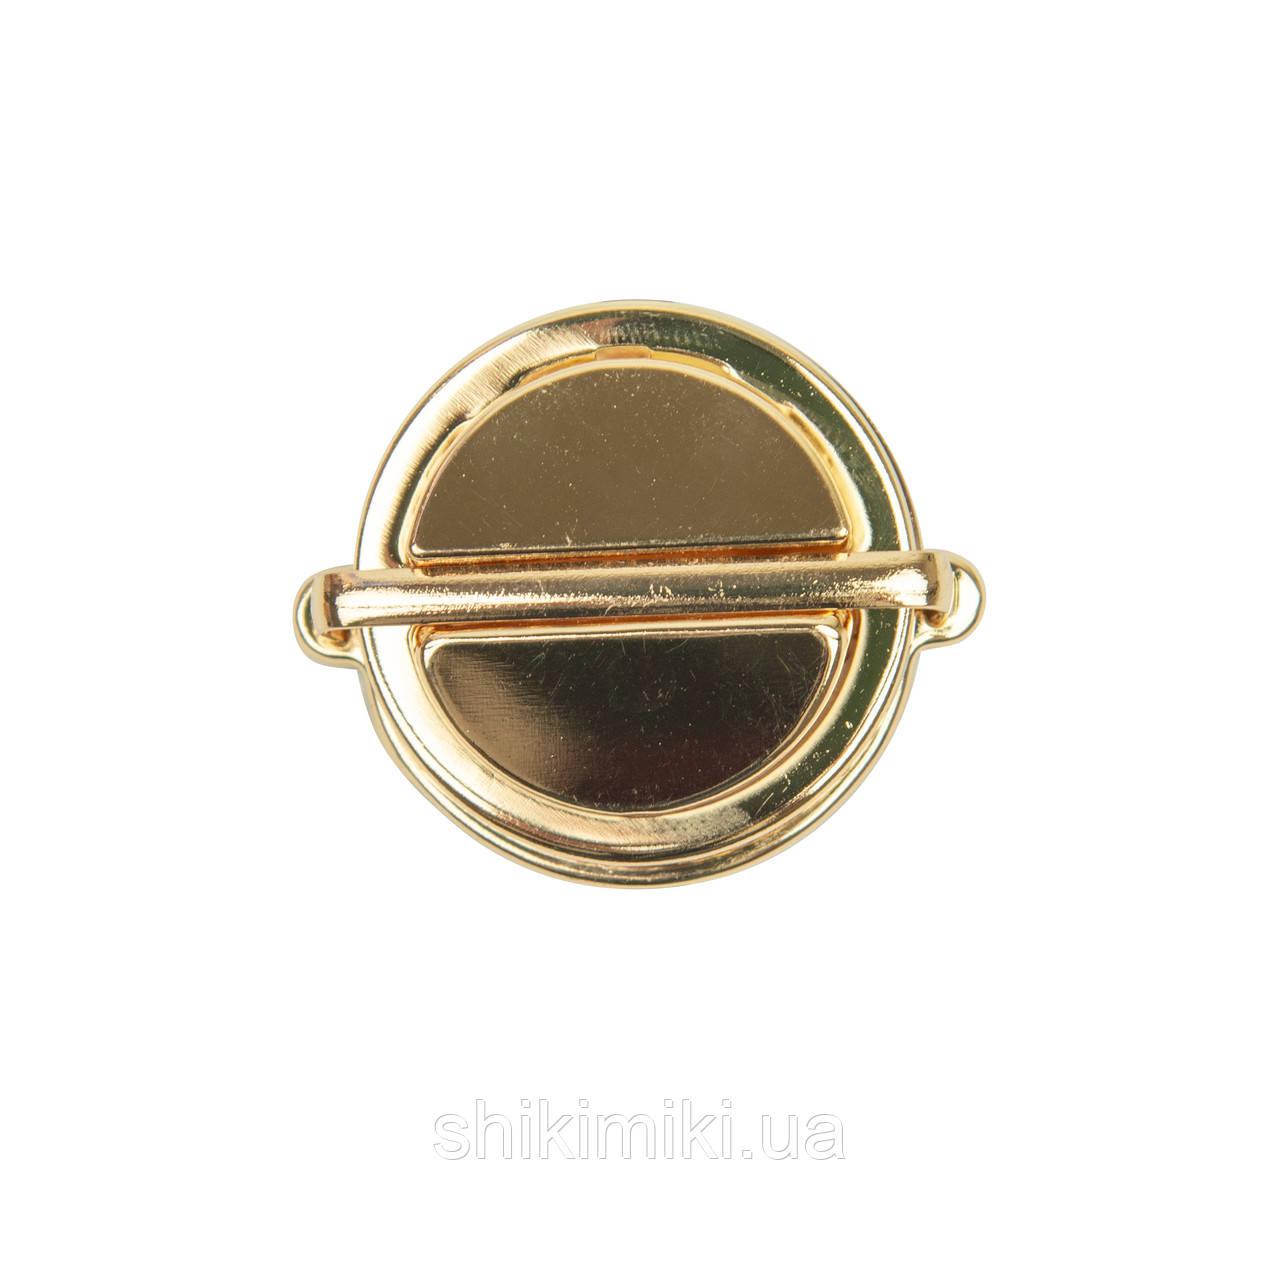 Замок для сумки ZM312-3 (46*38 мм), колір золото